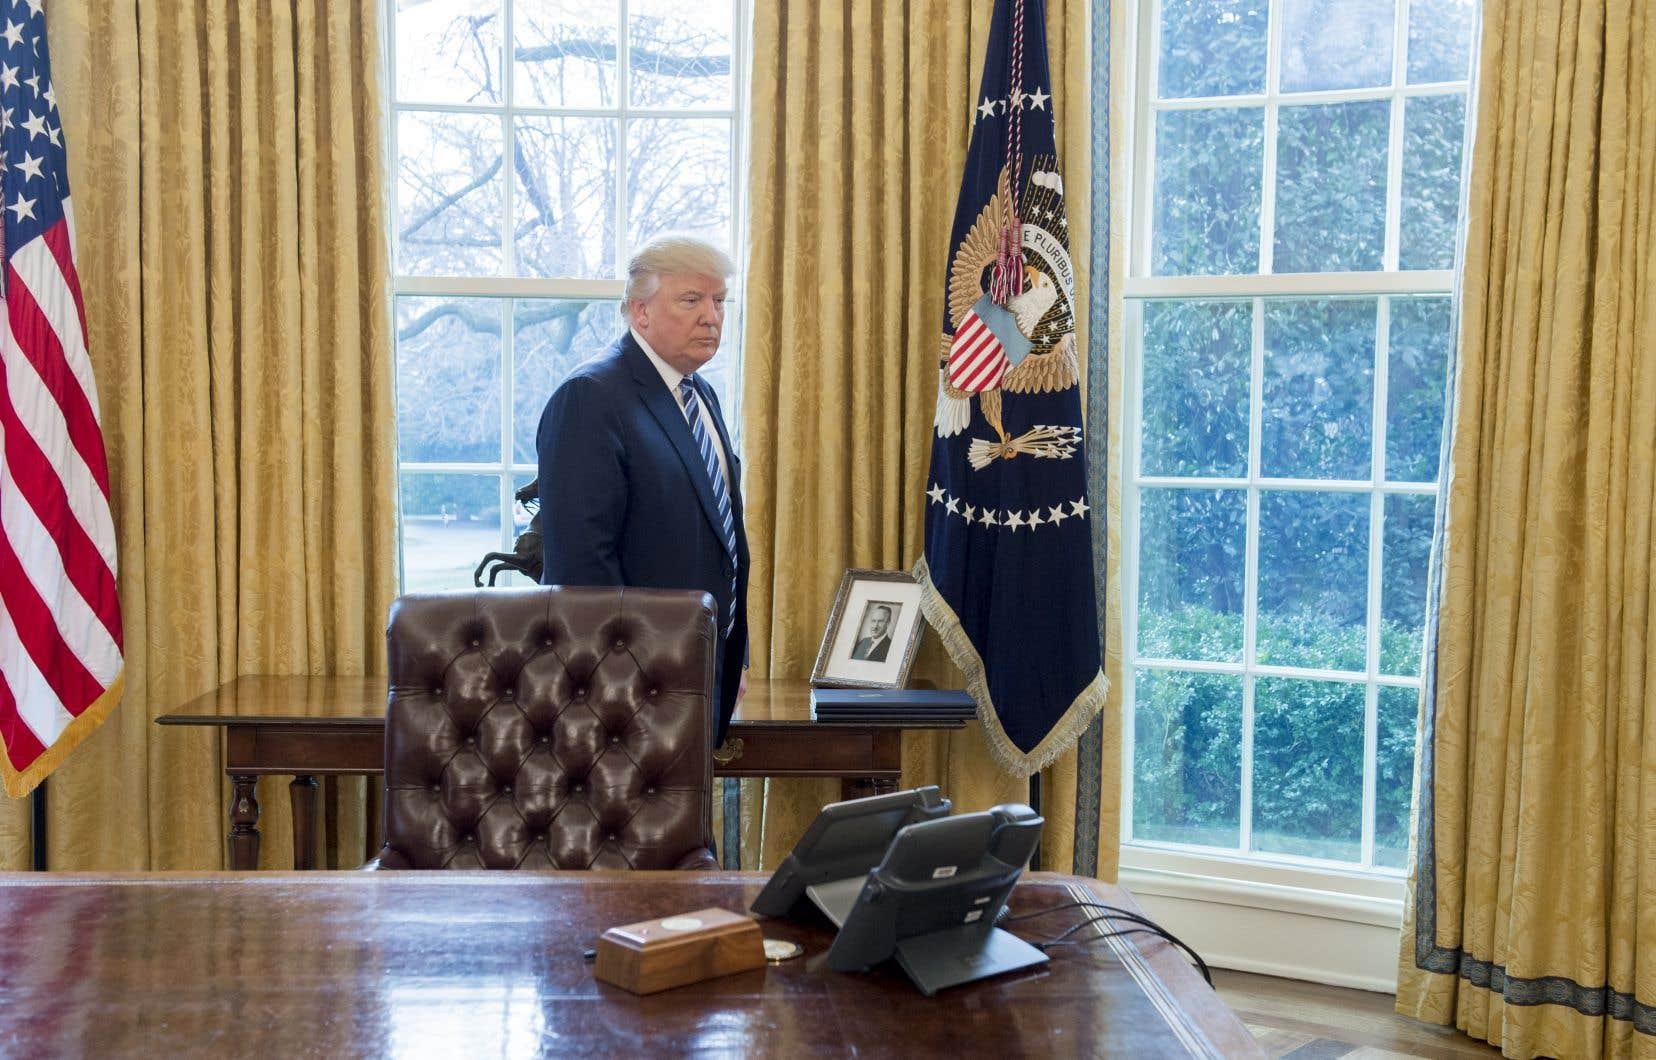 Un portrait de Fred Trump, le père du président américain Donald Trump, trône dans le Bureau ovale